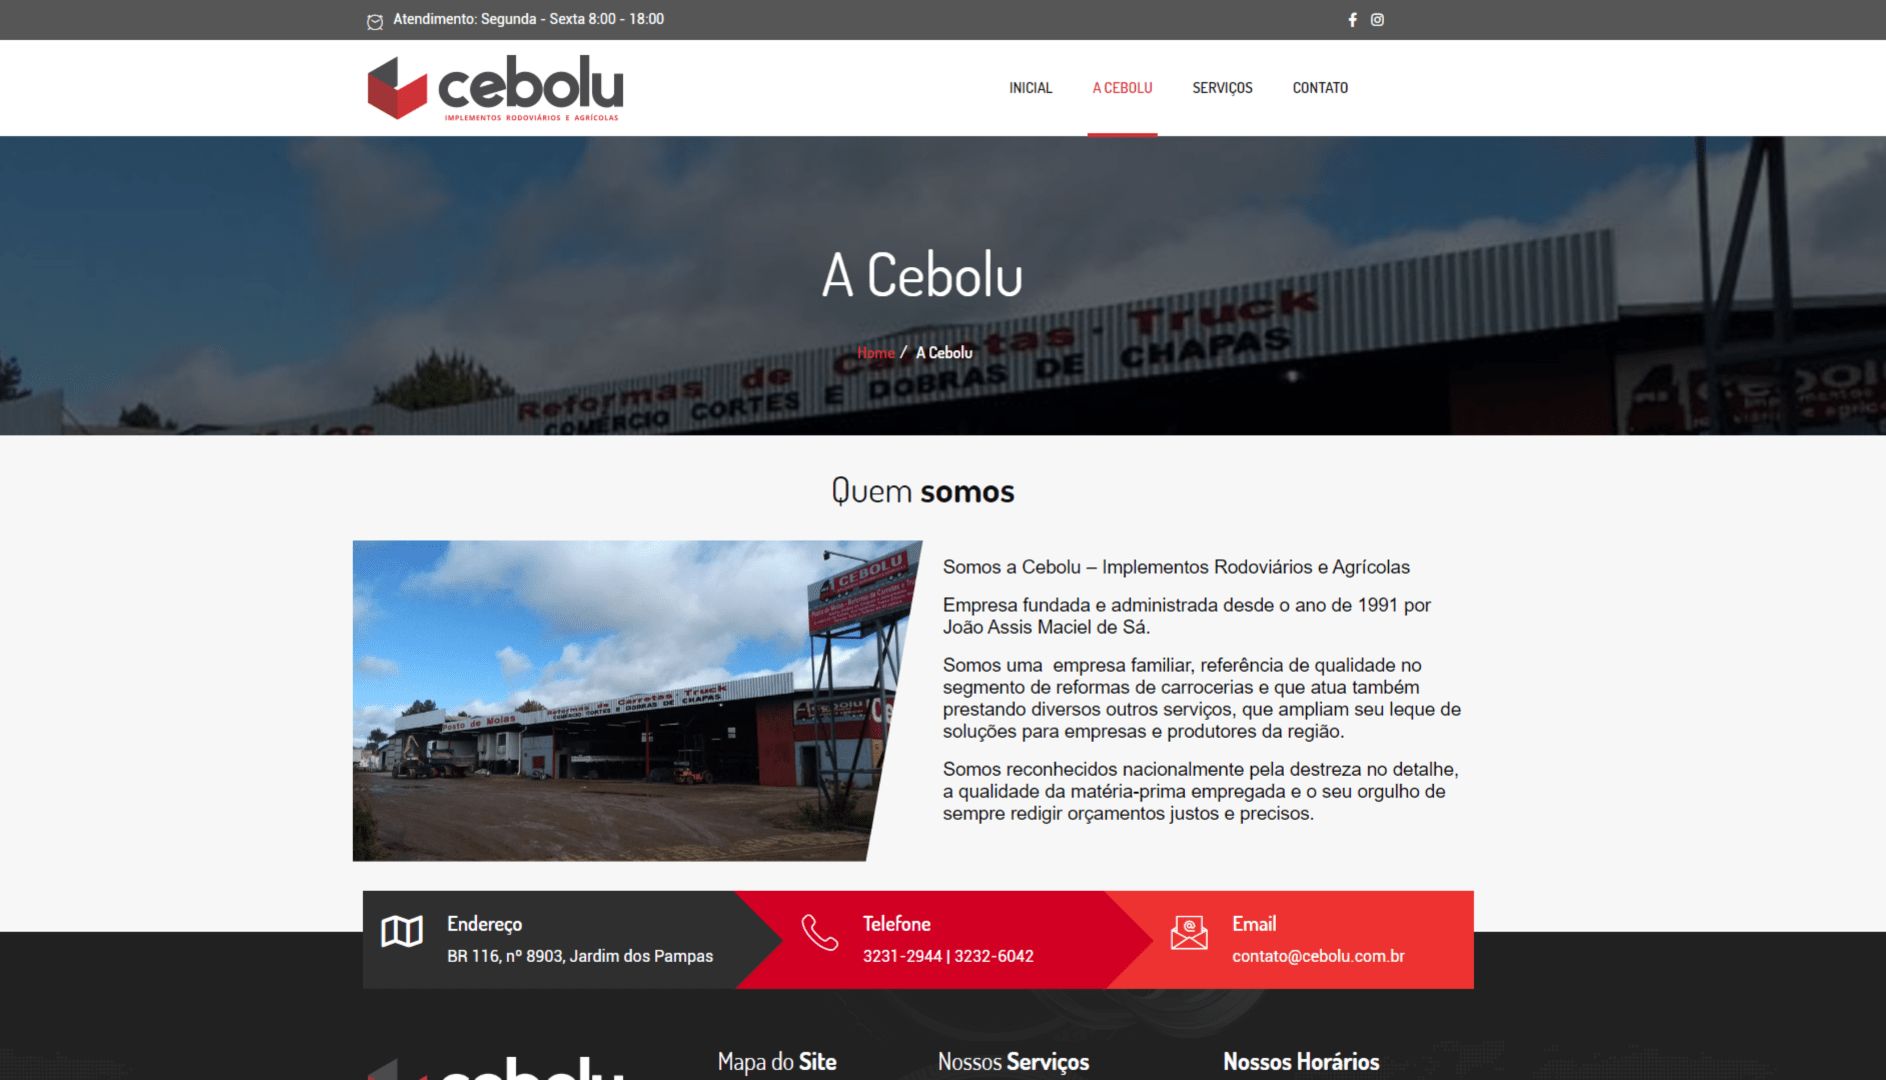 https://www.6i.com.br/case/cebolu/